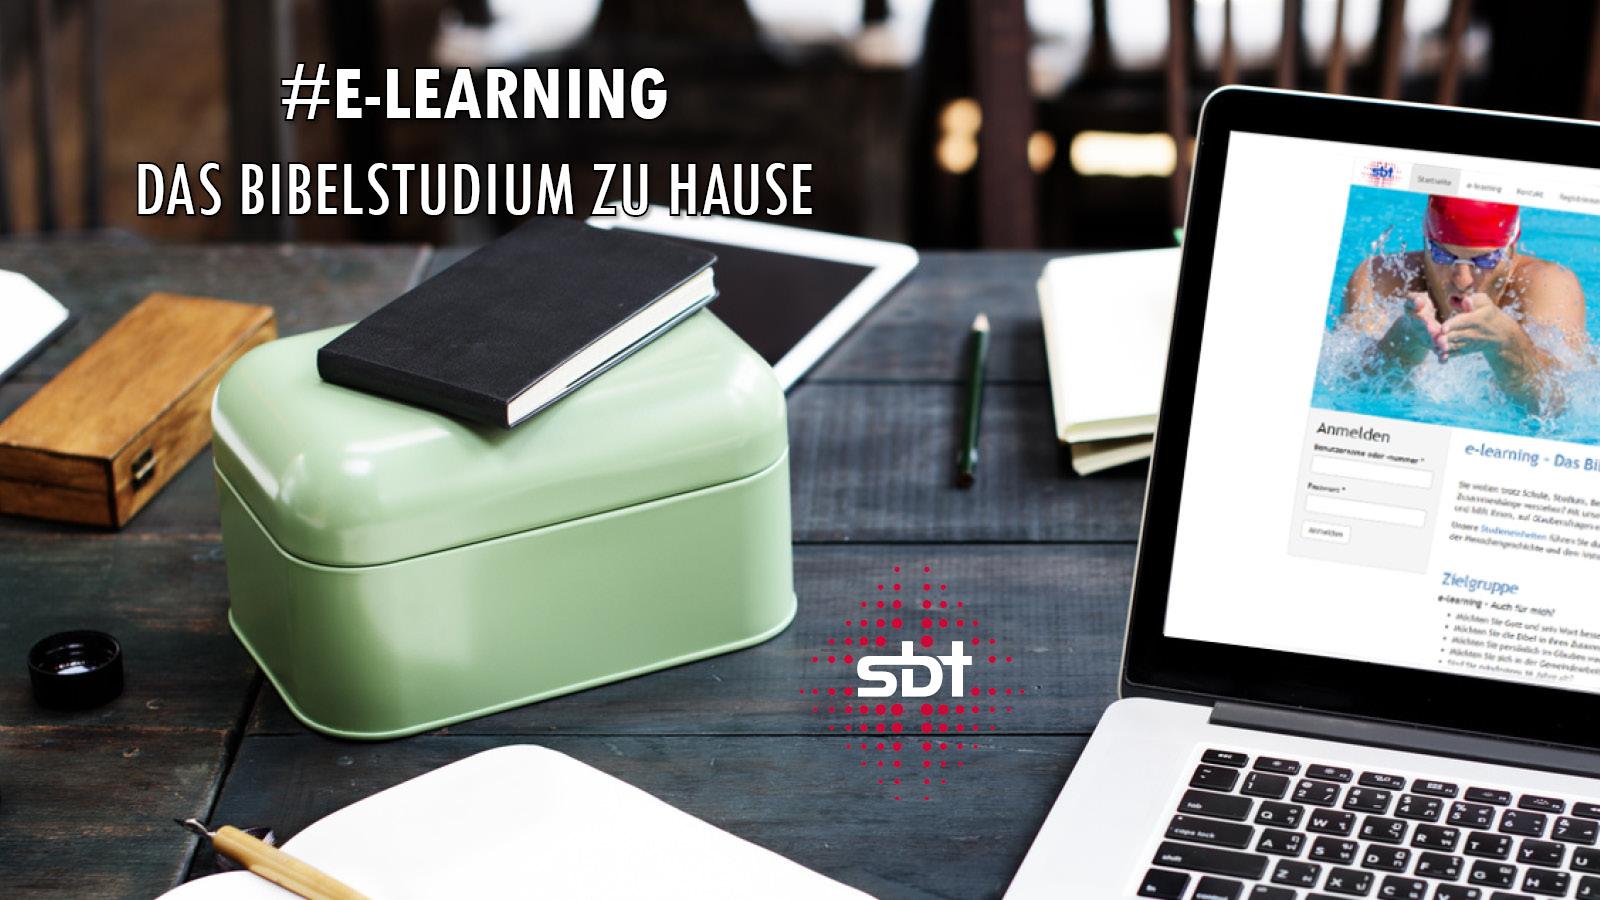 e-learning - das Bibelstudium zu Hause